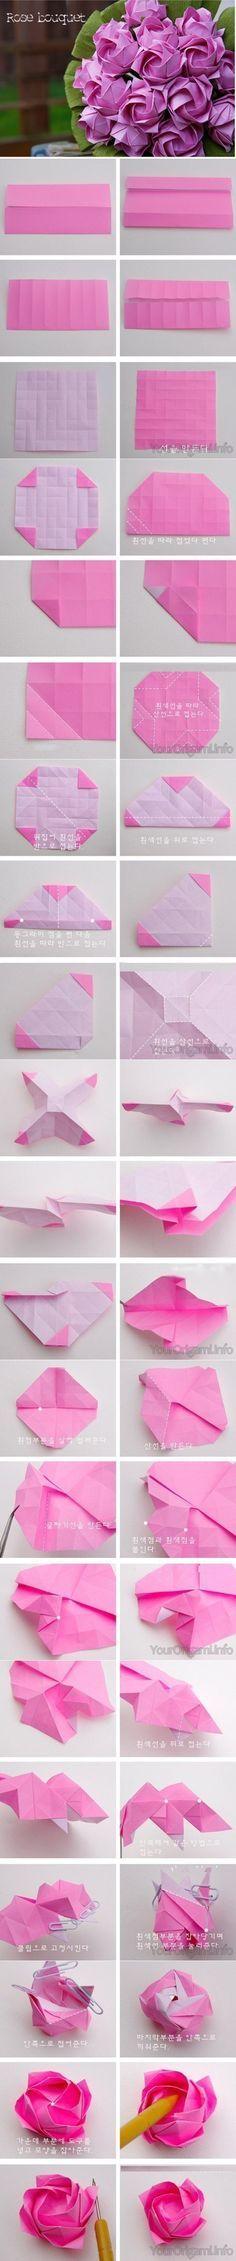 DIY Beautiful Origam